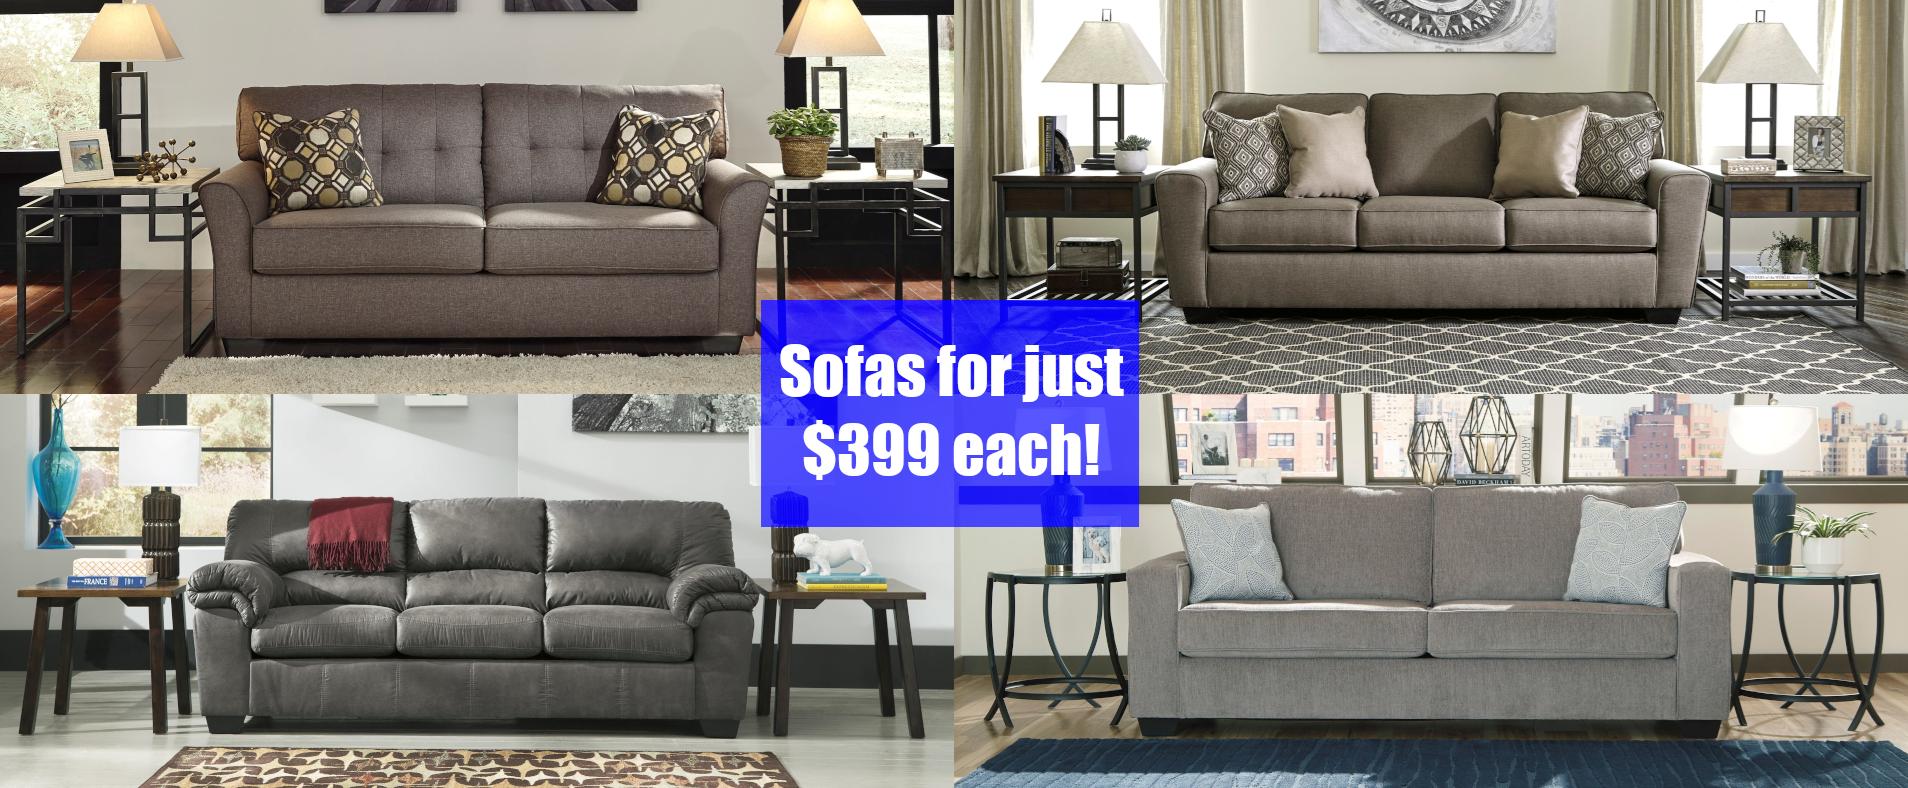 Sofas for $399 2